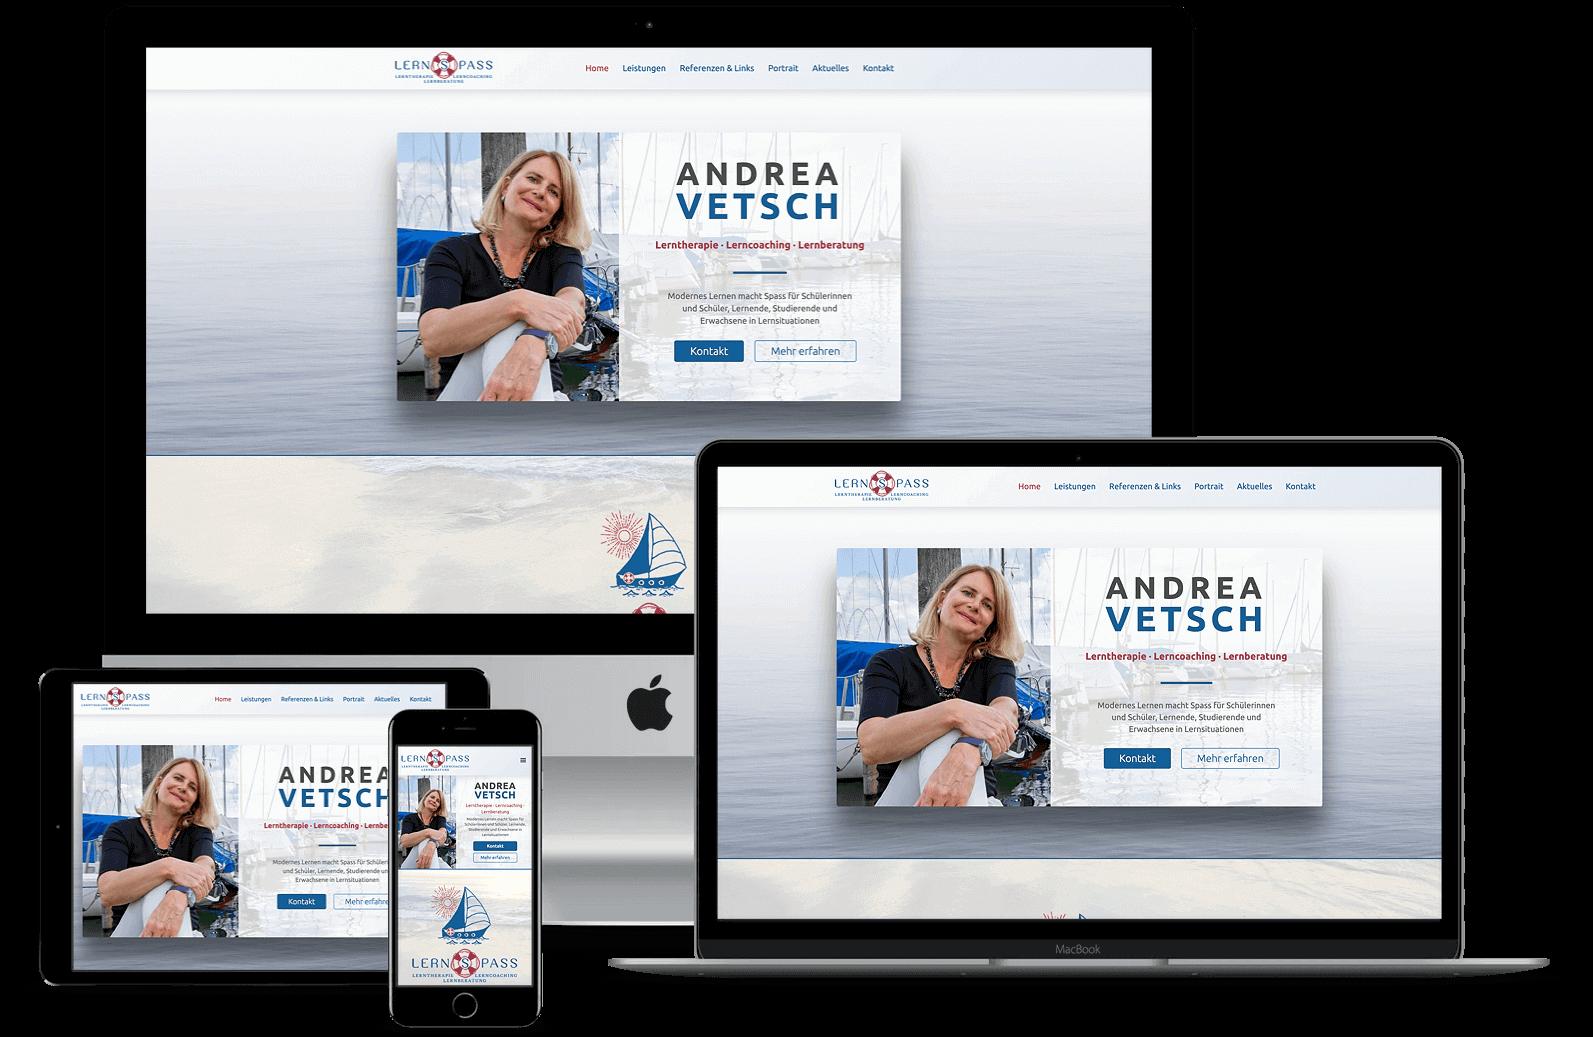 andrea-vetsch-ramoser-webdesign-referenz